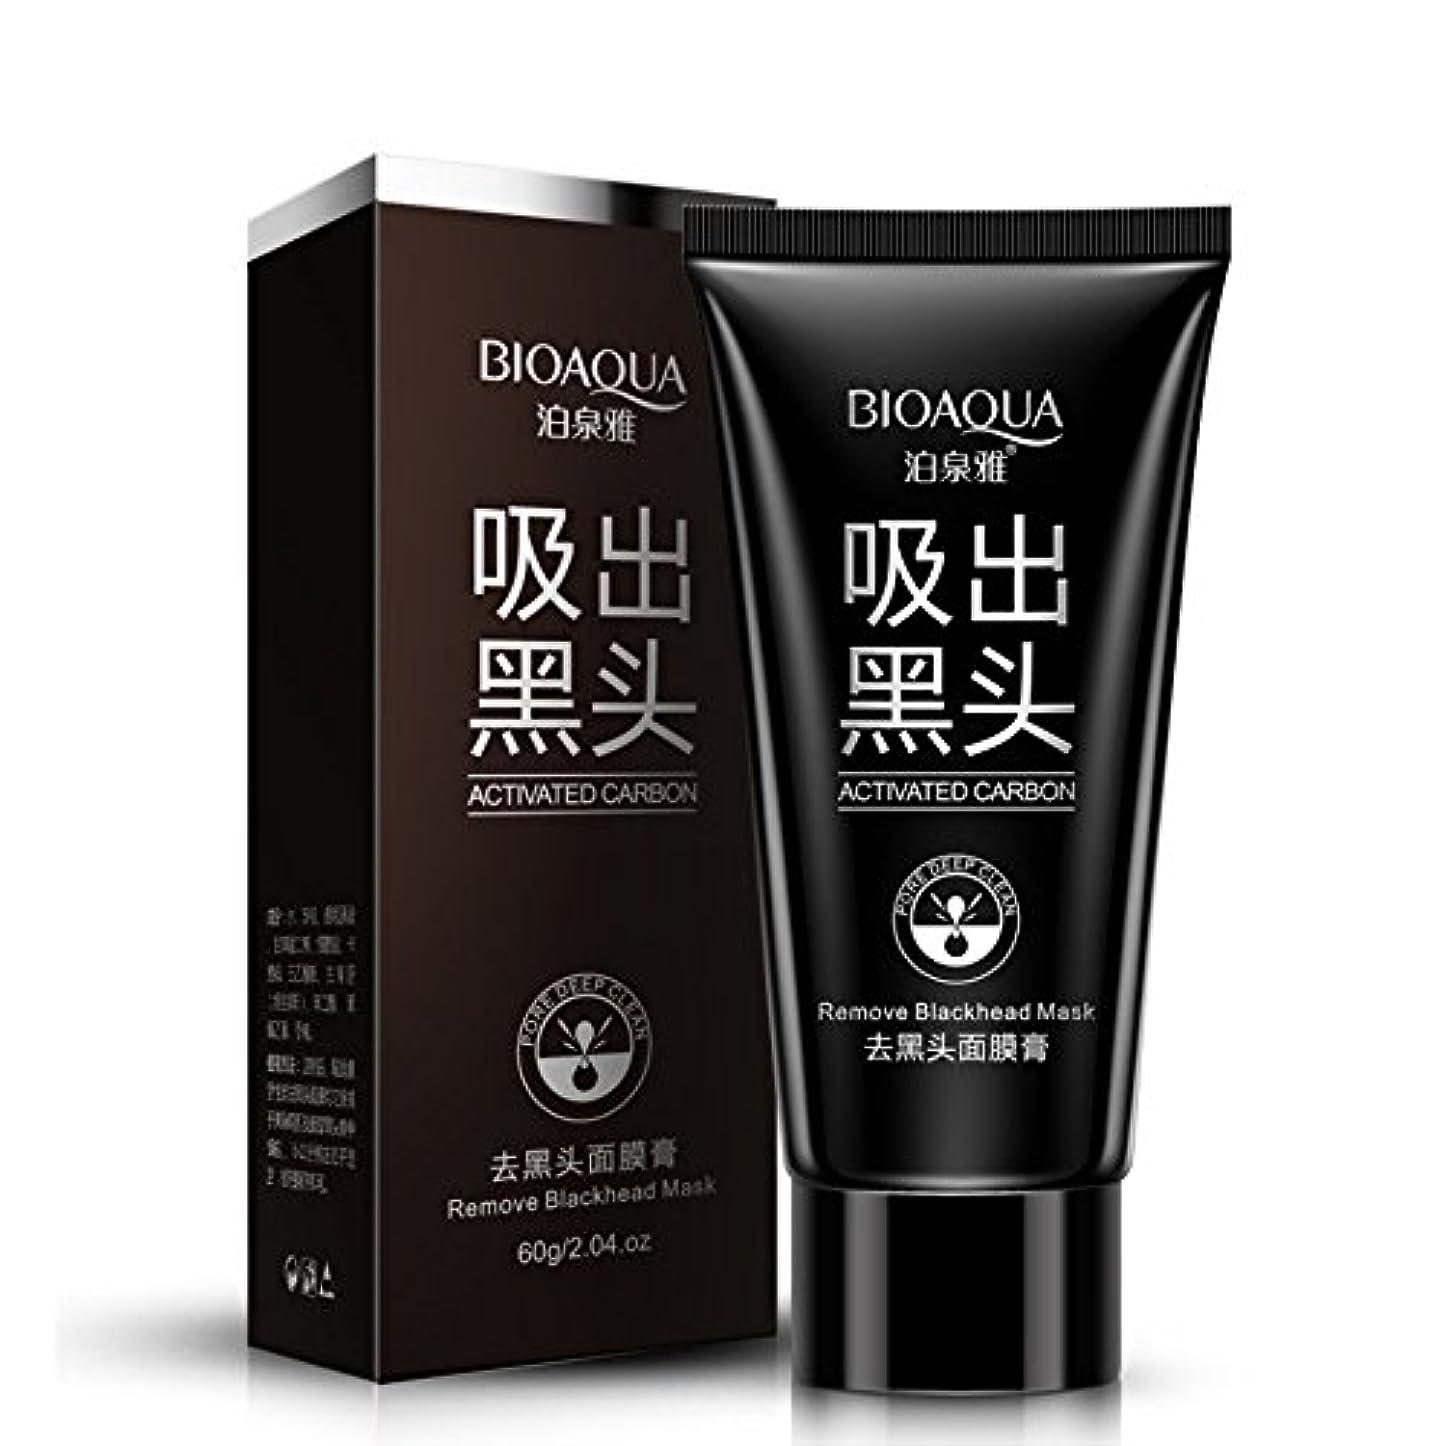 フレームワークシャー層Suction Black Mask Shrink Black Head Spots Pores,Face Mask Blackhead Removal Blackheads Cosmetics Facials Moisturizing...